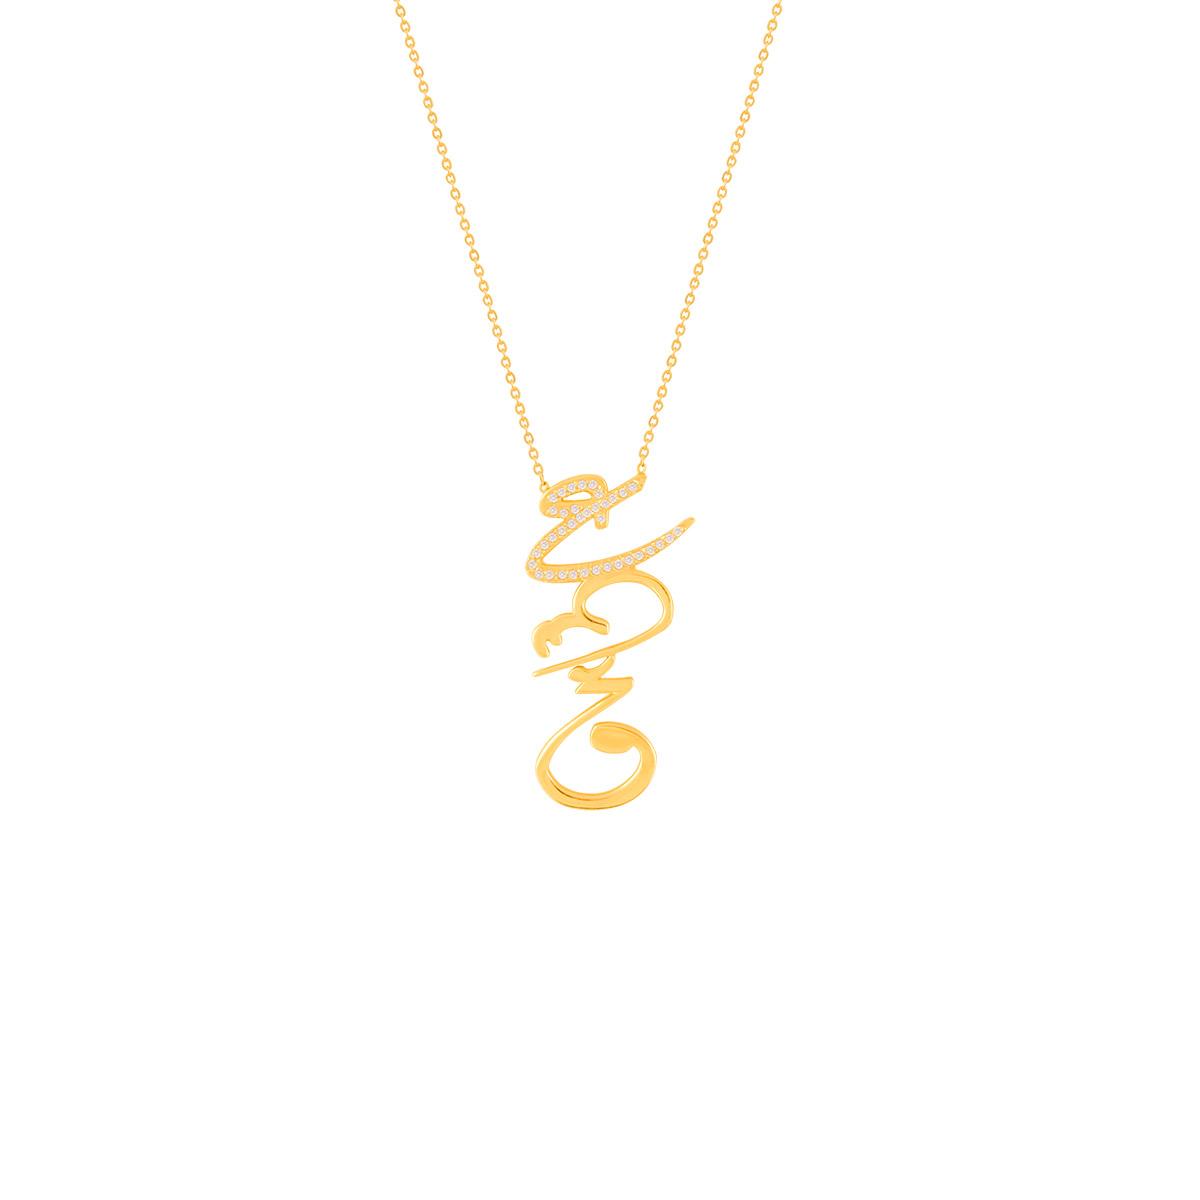 گردنبند طلا عشق نگین دار بزرگ